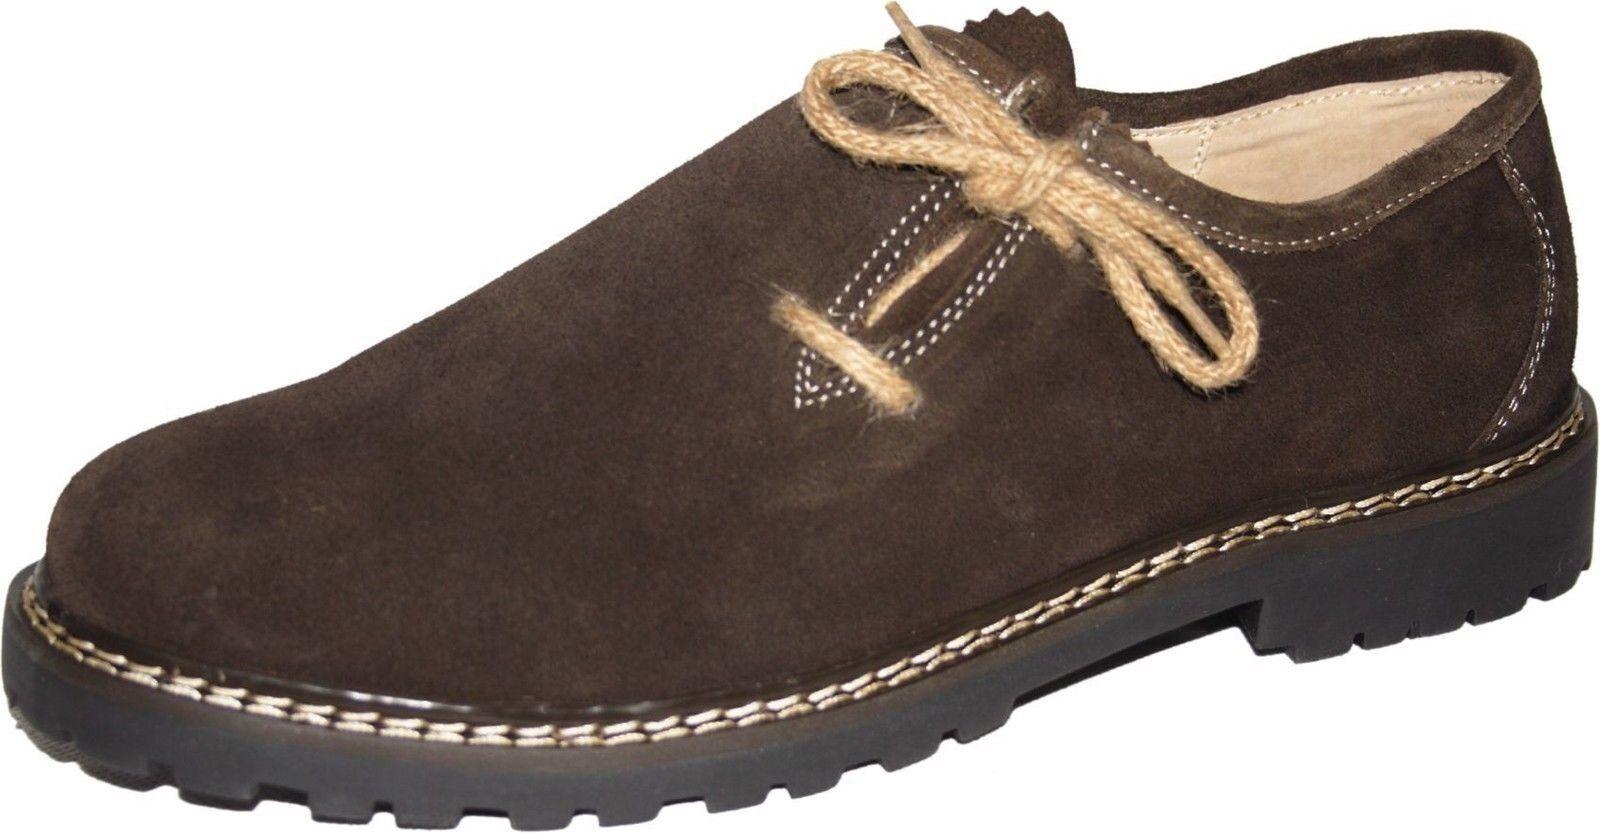 Haferl- Trachtenschuhe mit  Seitenschnürung  mit Schuhe hasel c35195